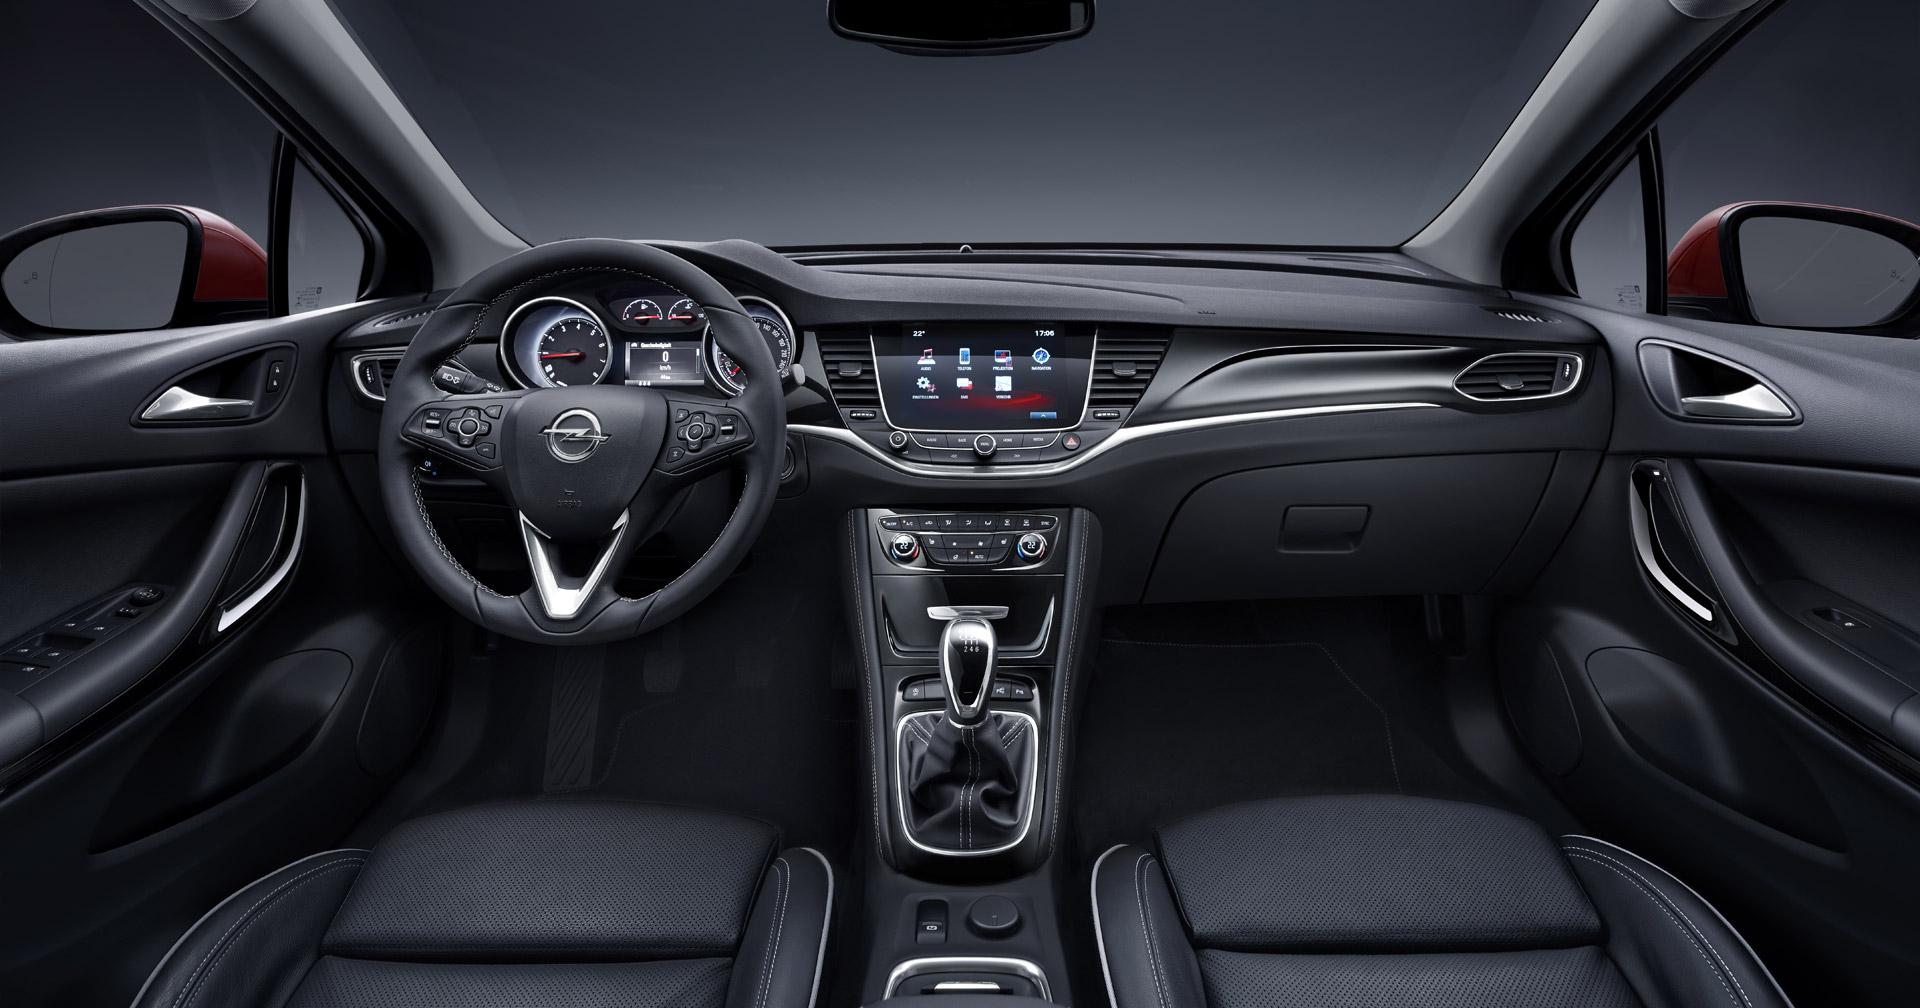 Yeni Opel Astra'nın kabininde deri unsurlar ve metaller modele premium bir hava katmış.